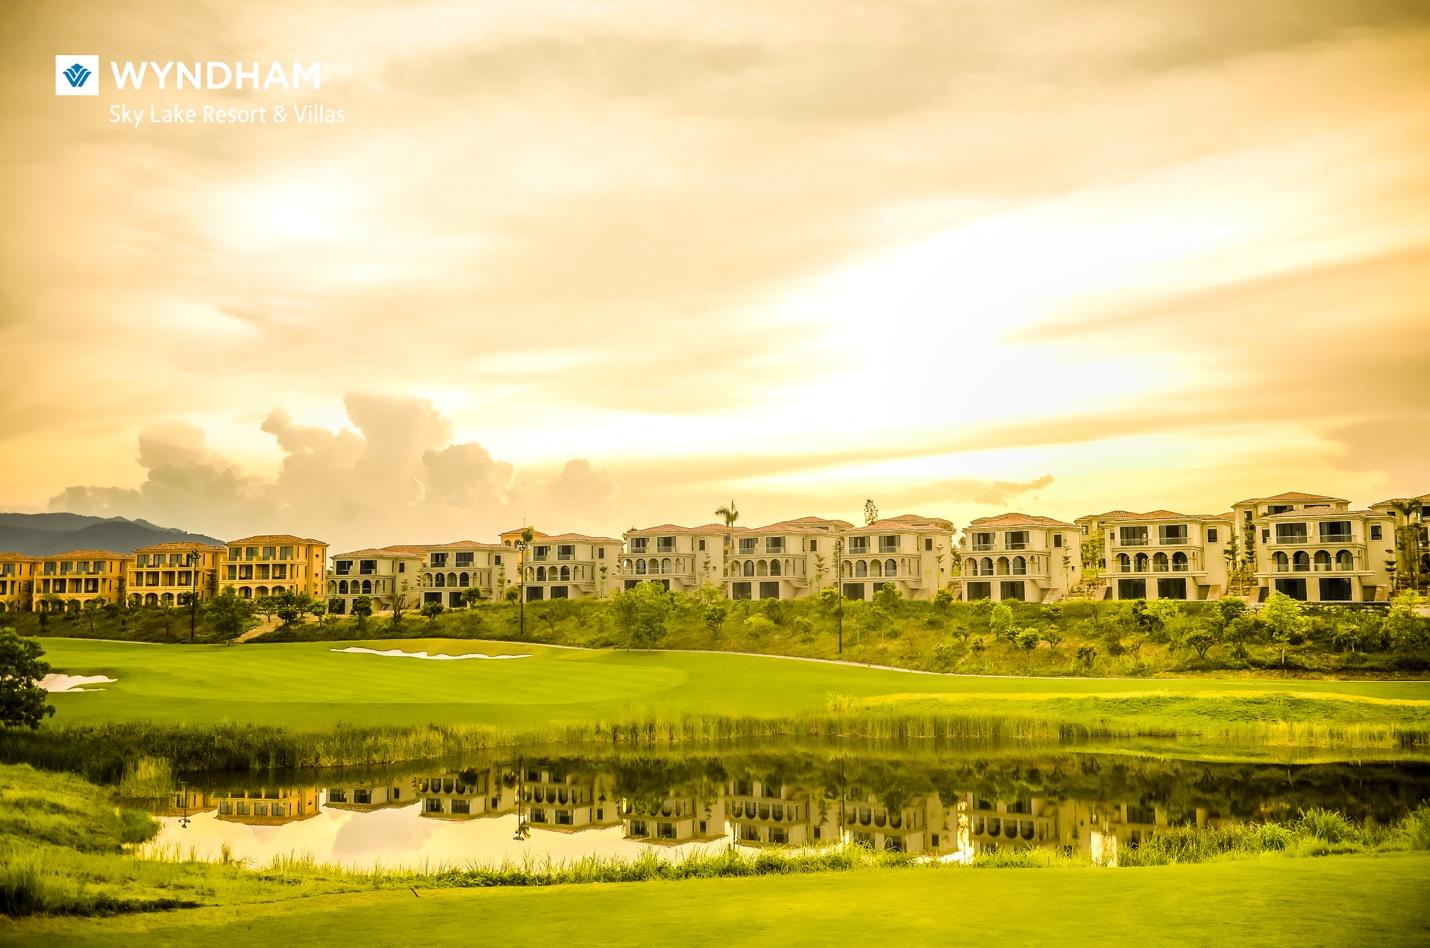 Wyndham Sky Lake Resort & Villas: Bảo chứng an toàn về đầu tư sinh lời cho bất động sản nghỉ dưỡng ven đô - Ảnh 2.